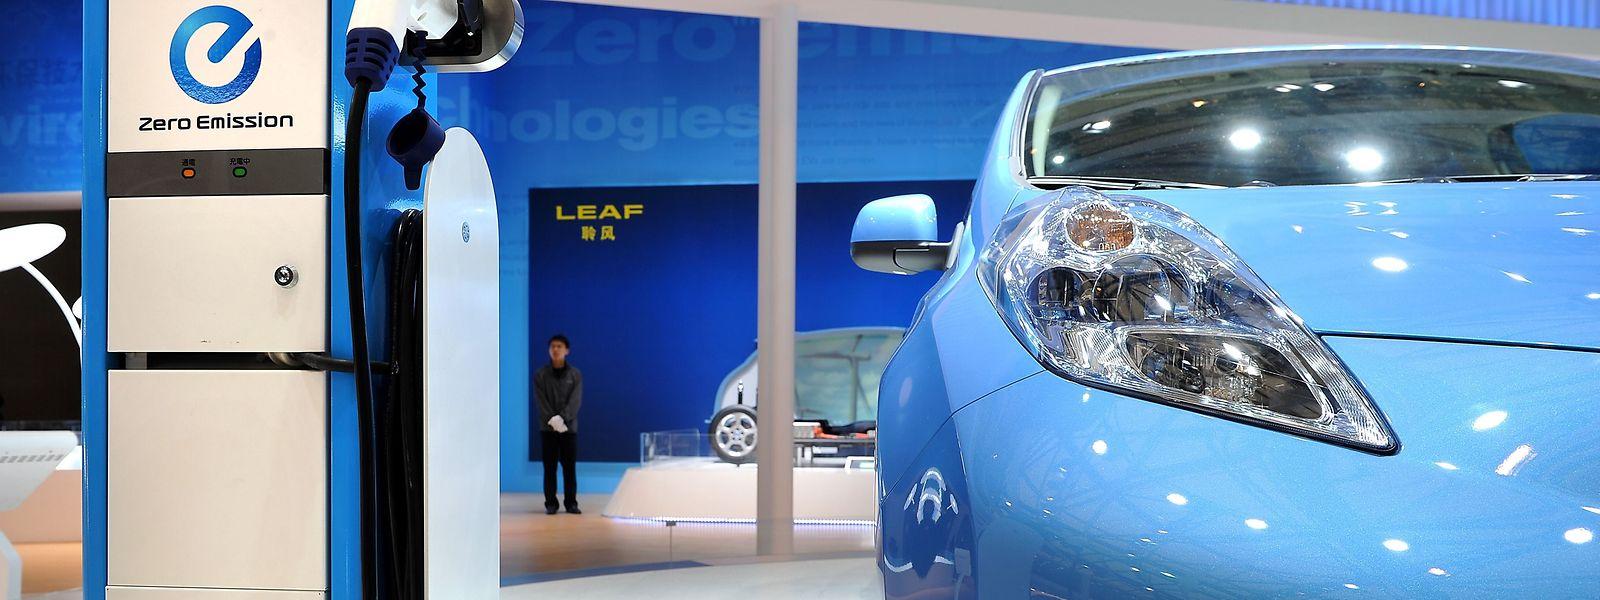 Aujourd'hui, l'Etat accorde une aide à l'achat d'un véhicule électrique pouvant monter jusqu'à 8.000 euros.